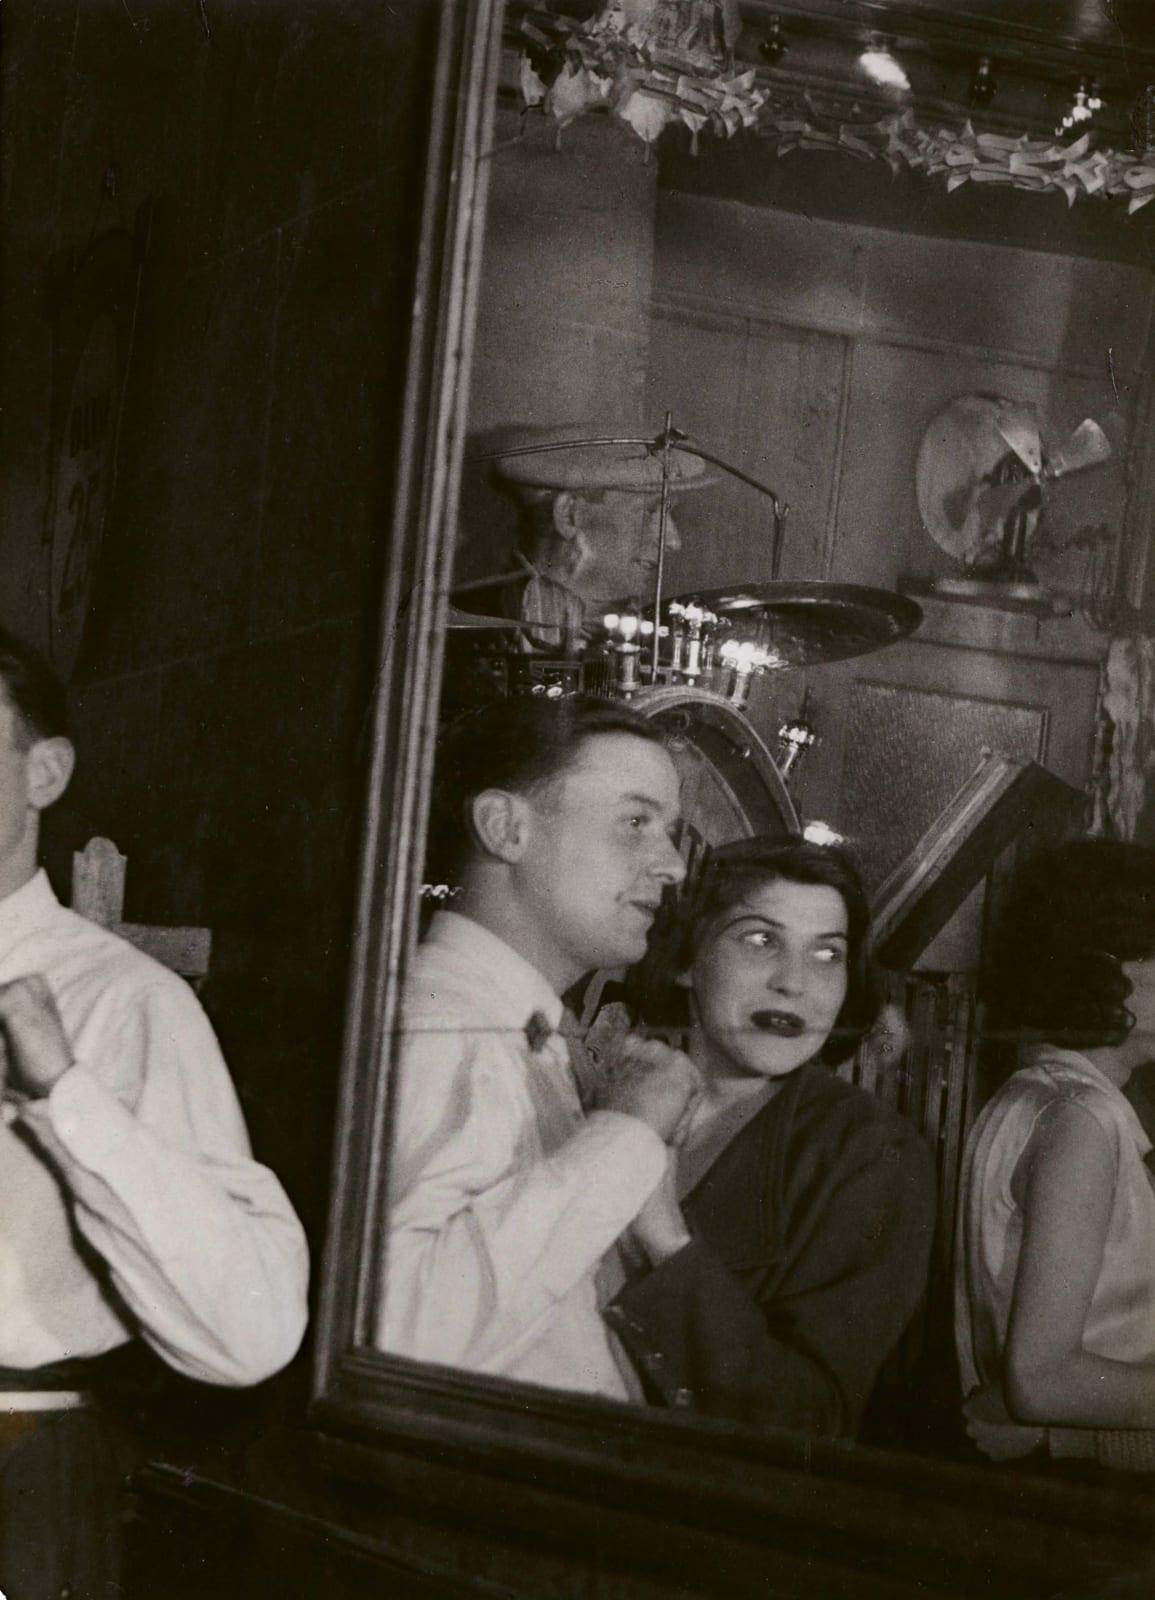 Brassaï, Au Bal Musette, Les 'Quatre Saisons' Rue de Lappe, 1932